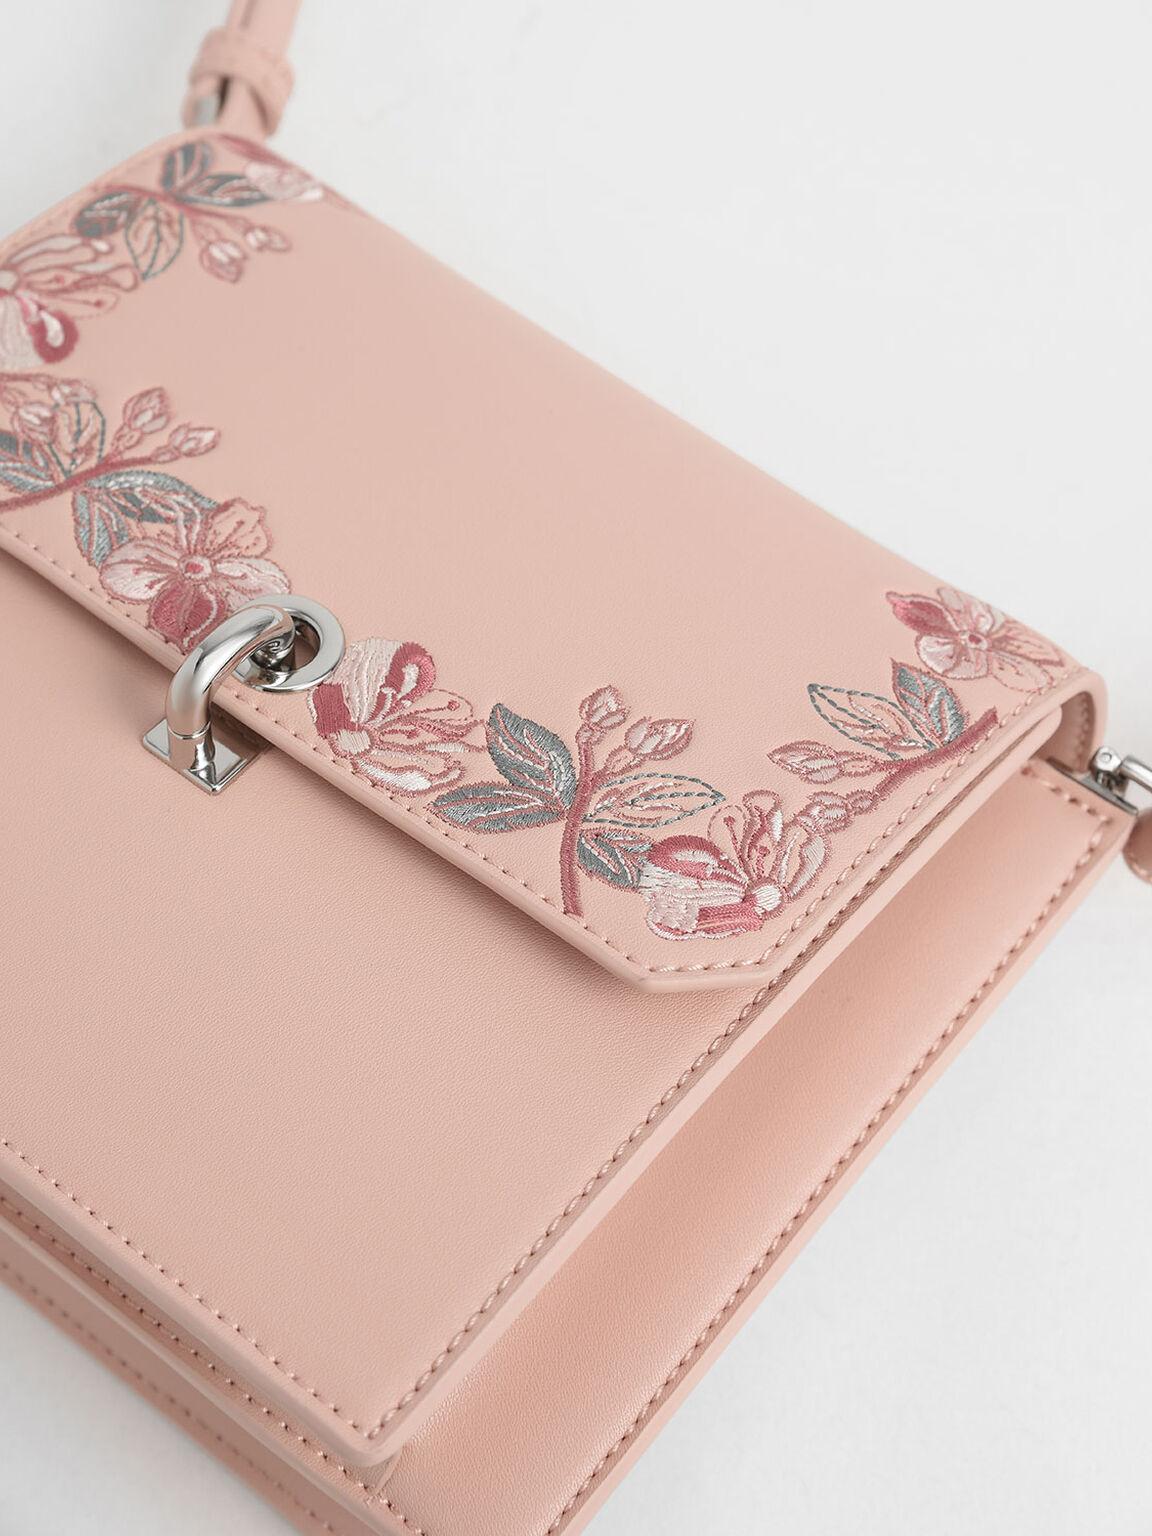 Floral Embroidered Turn Lock Bag, Pink, hi-res